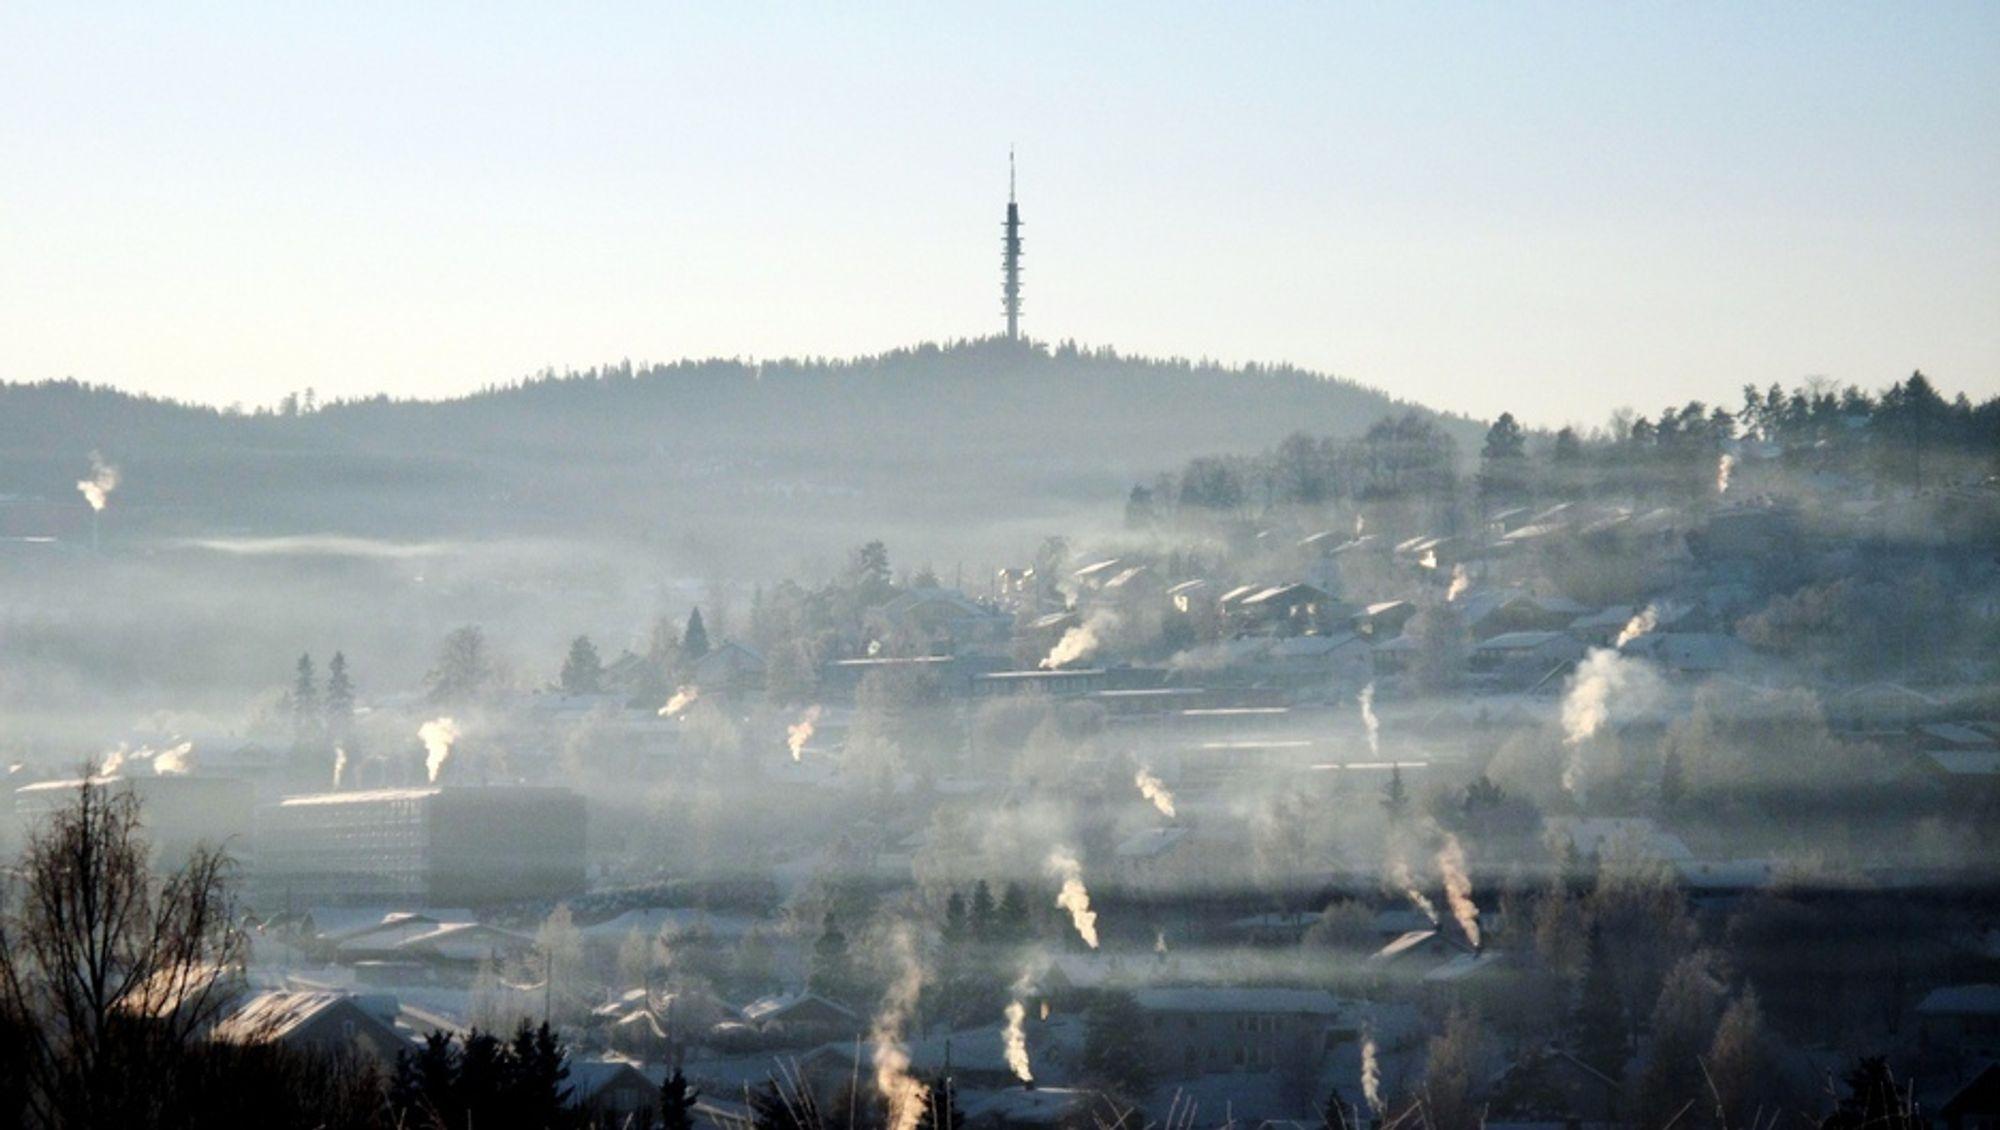 IKKE BEDRE: Selv om NOx-utslippene går ned, øker utslippene av NO2. Dermed vil det ta år før de største byene i landet vil oppleve bedret luftkvalitet, mener NILU.